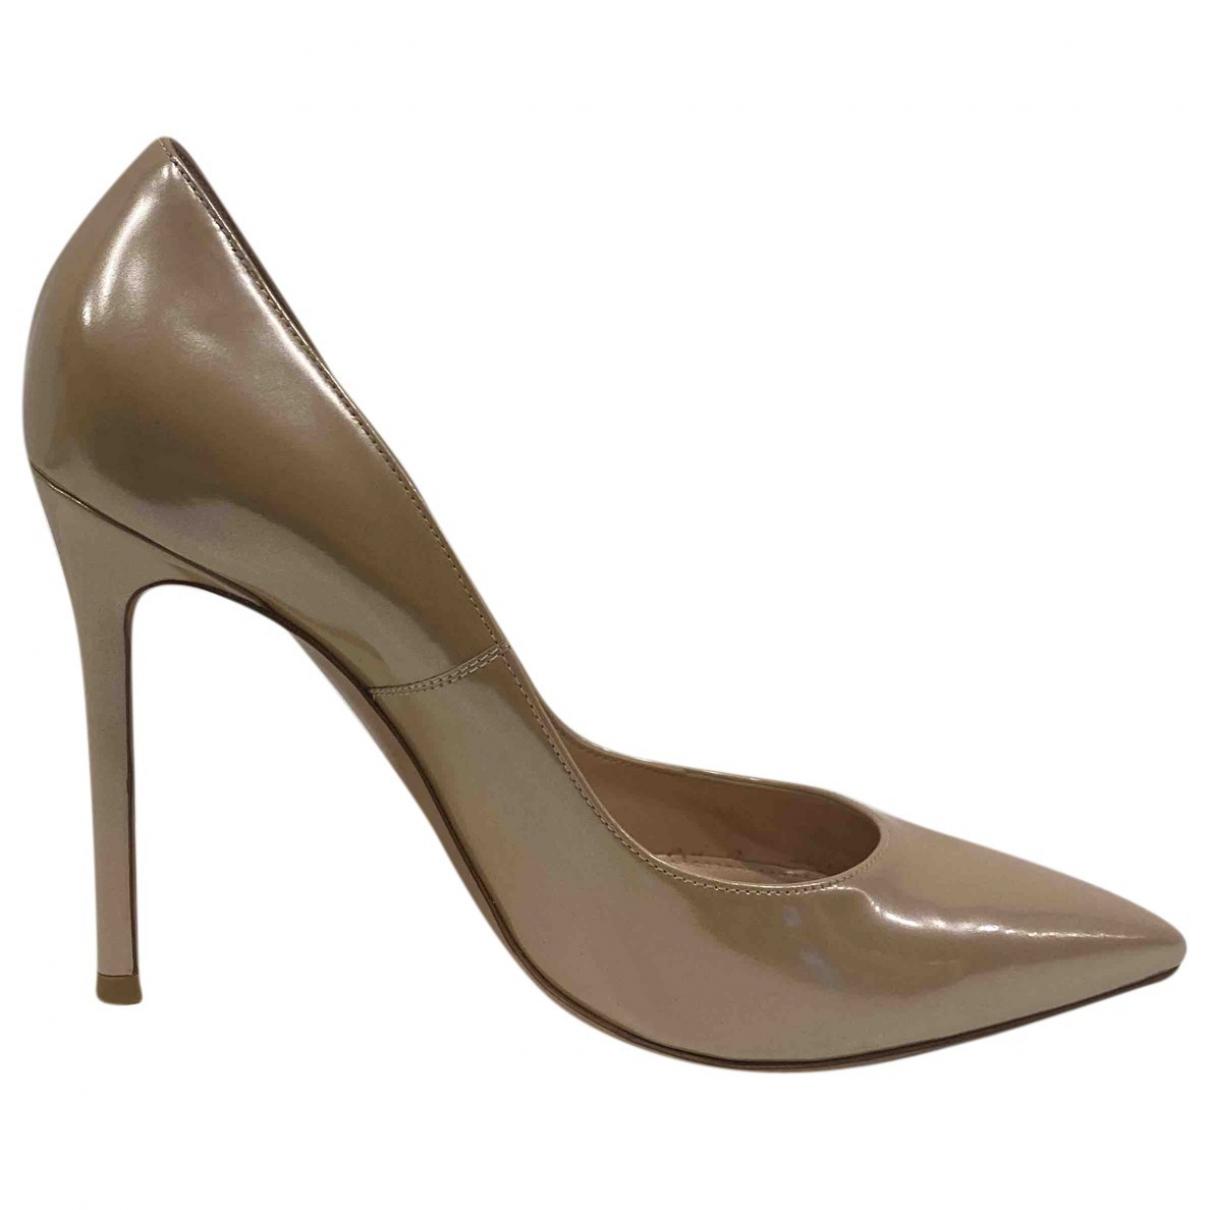 Gianvito Rossi - Escarpins Gianvito pour femme en cuir verni - beige